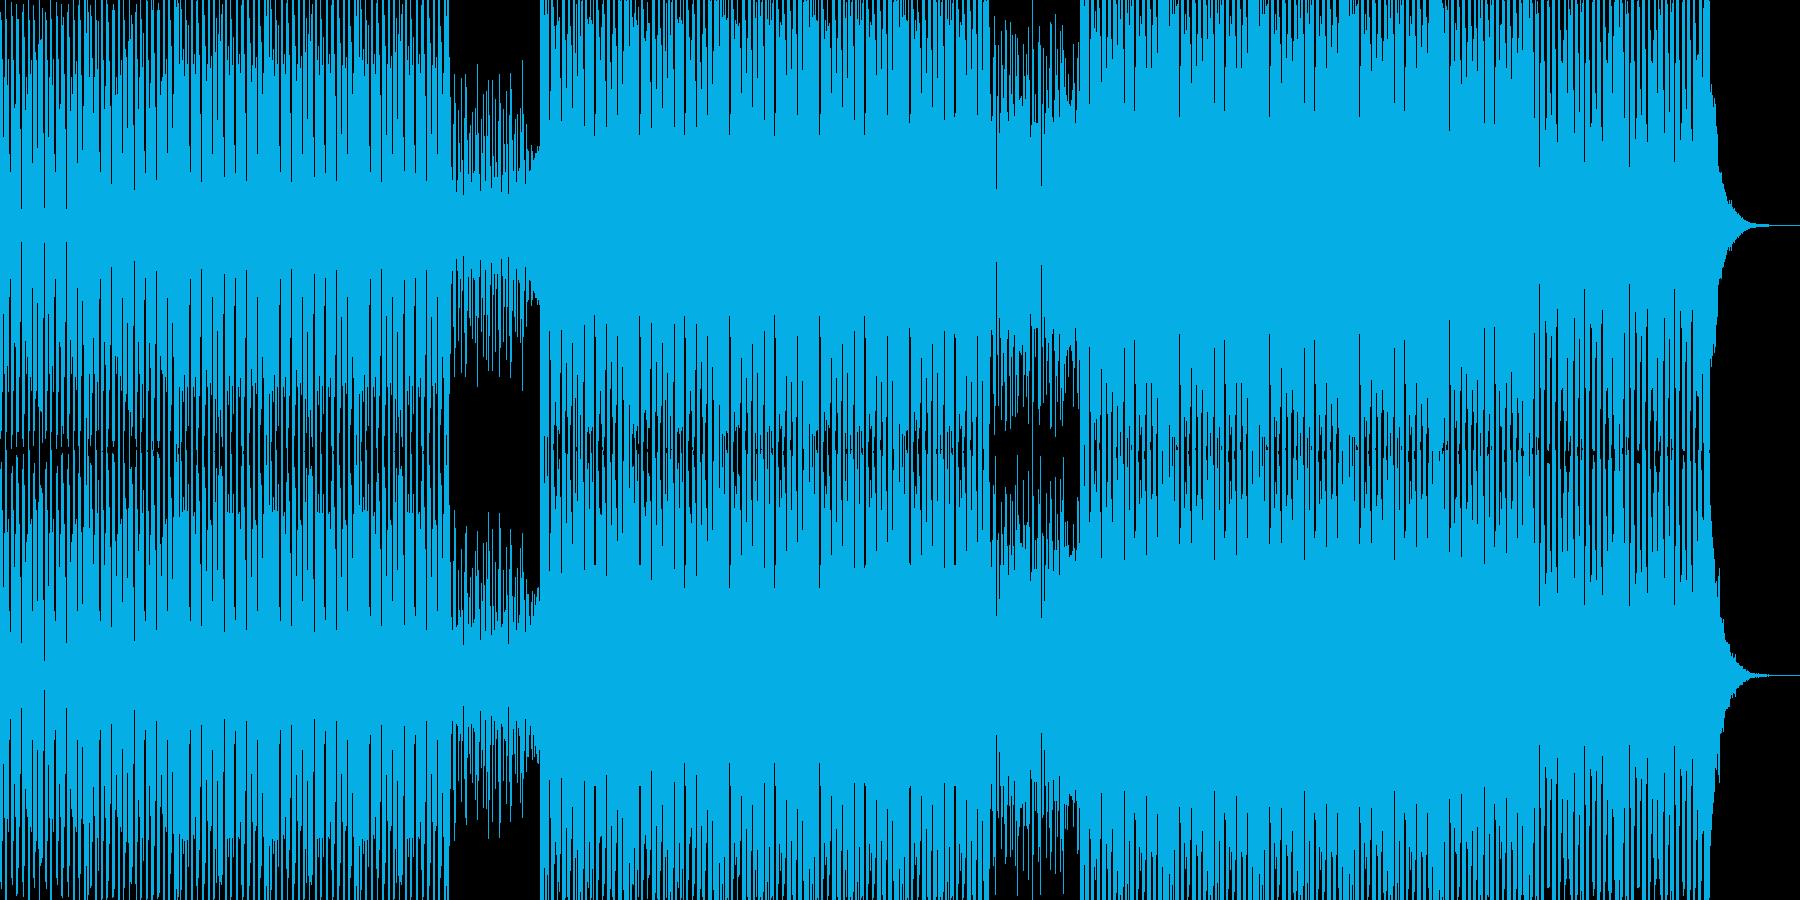 明るいダンス用BGM2の再生済みの波形